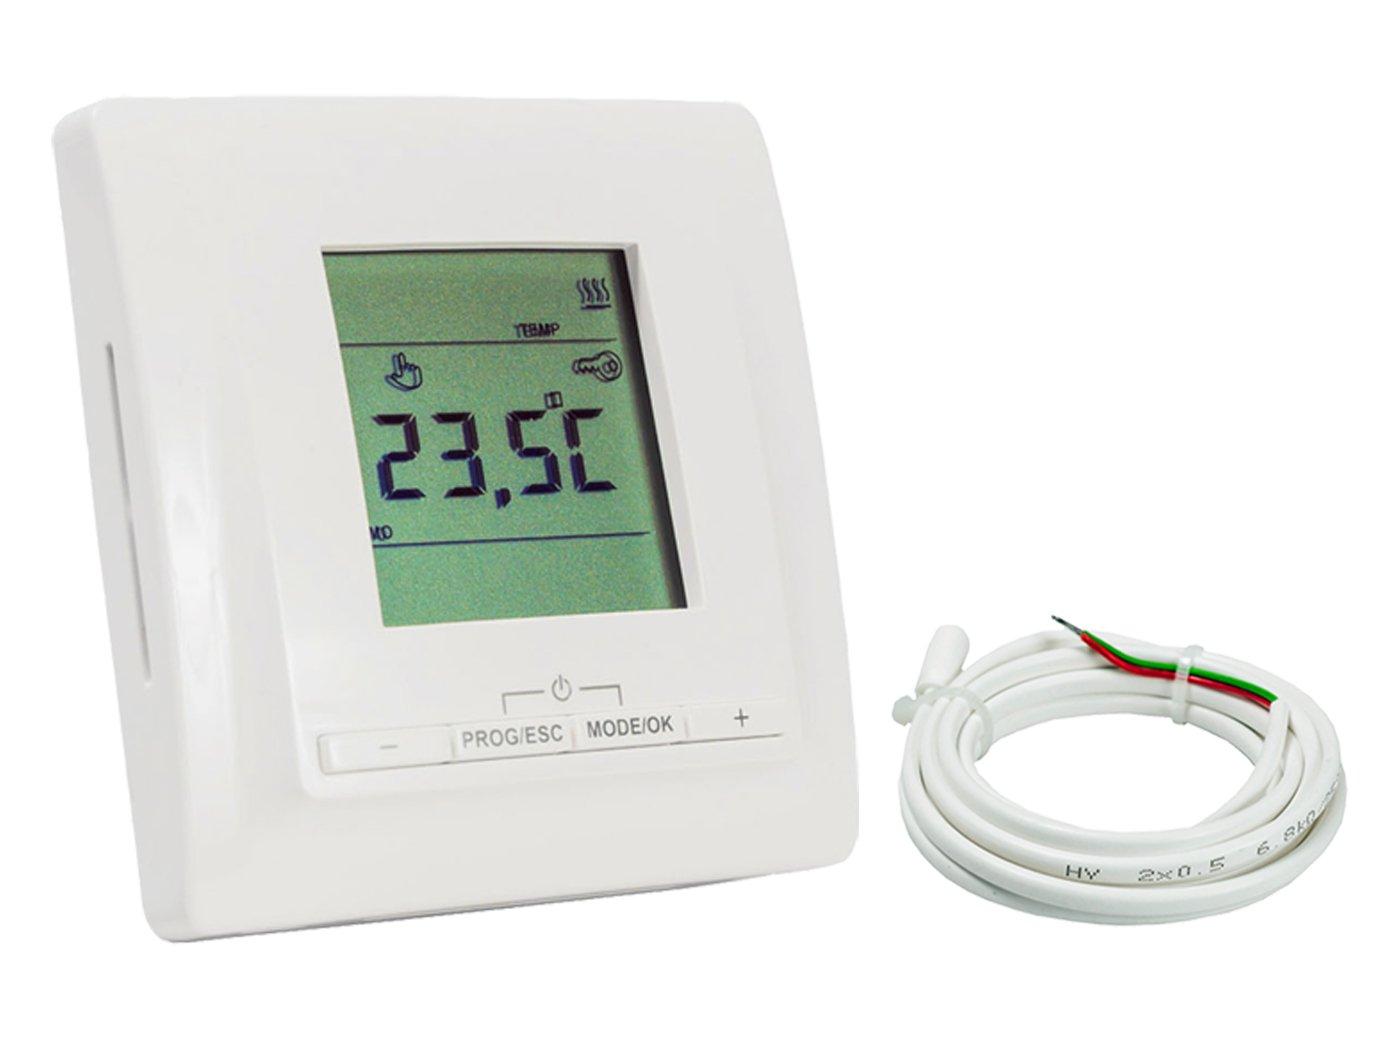 inkl Digital-Thermostat Warm-On AM902208 Heizmatten Komplett-Set 100 W//m/² 7.8 m/²